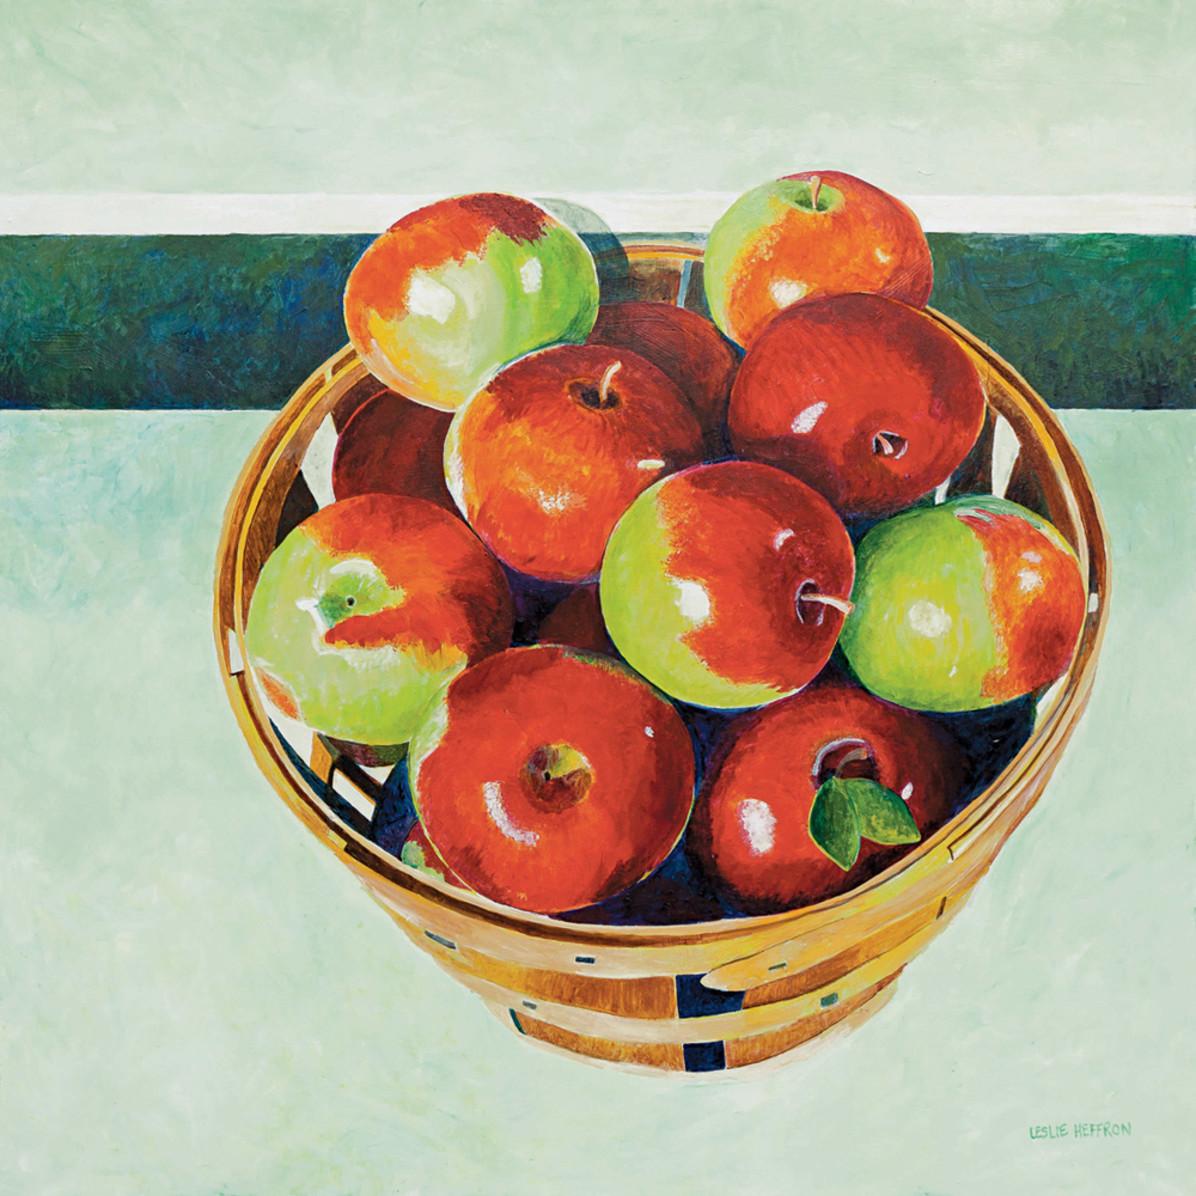 Bushel of apple 48x48 ltrfsu